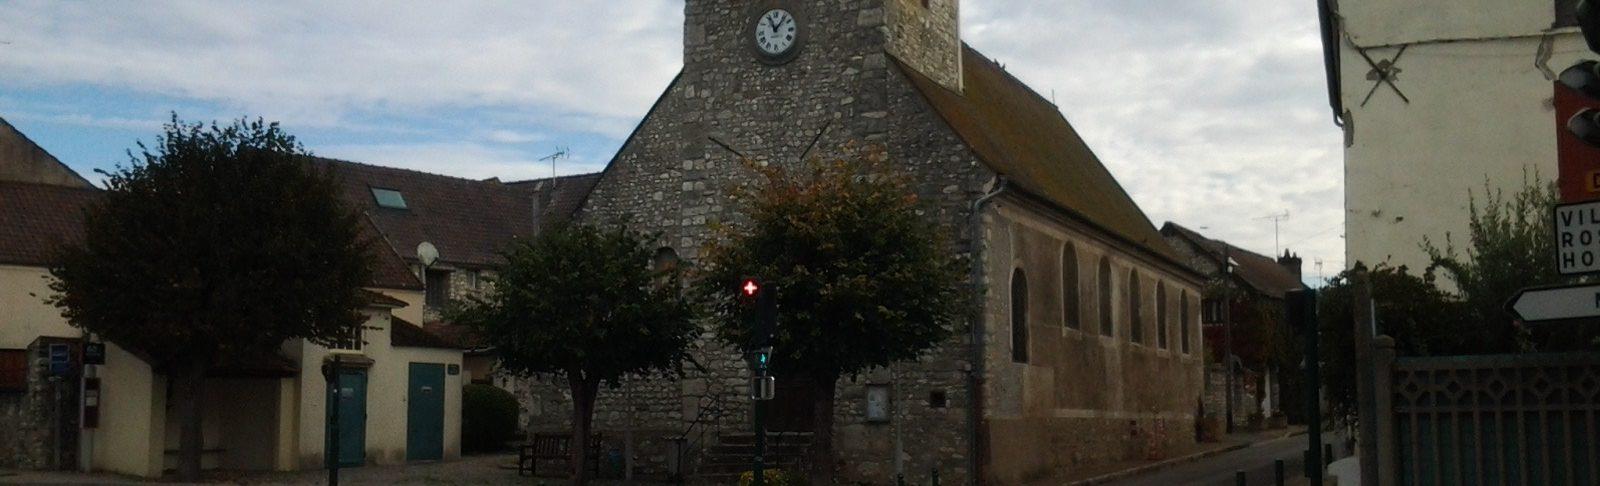 Vaucouleurs